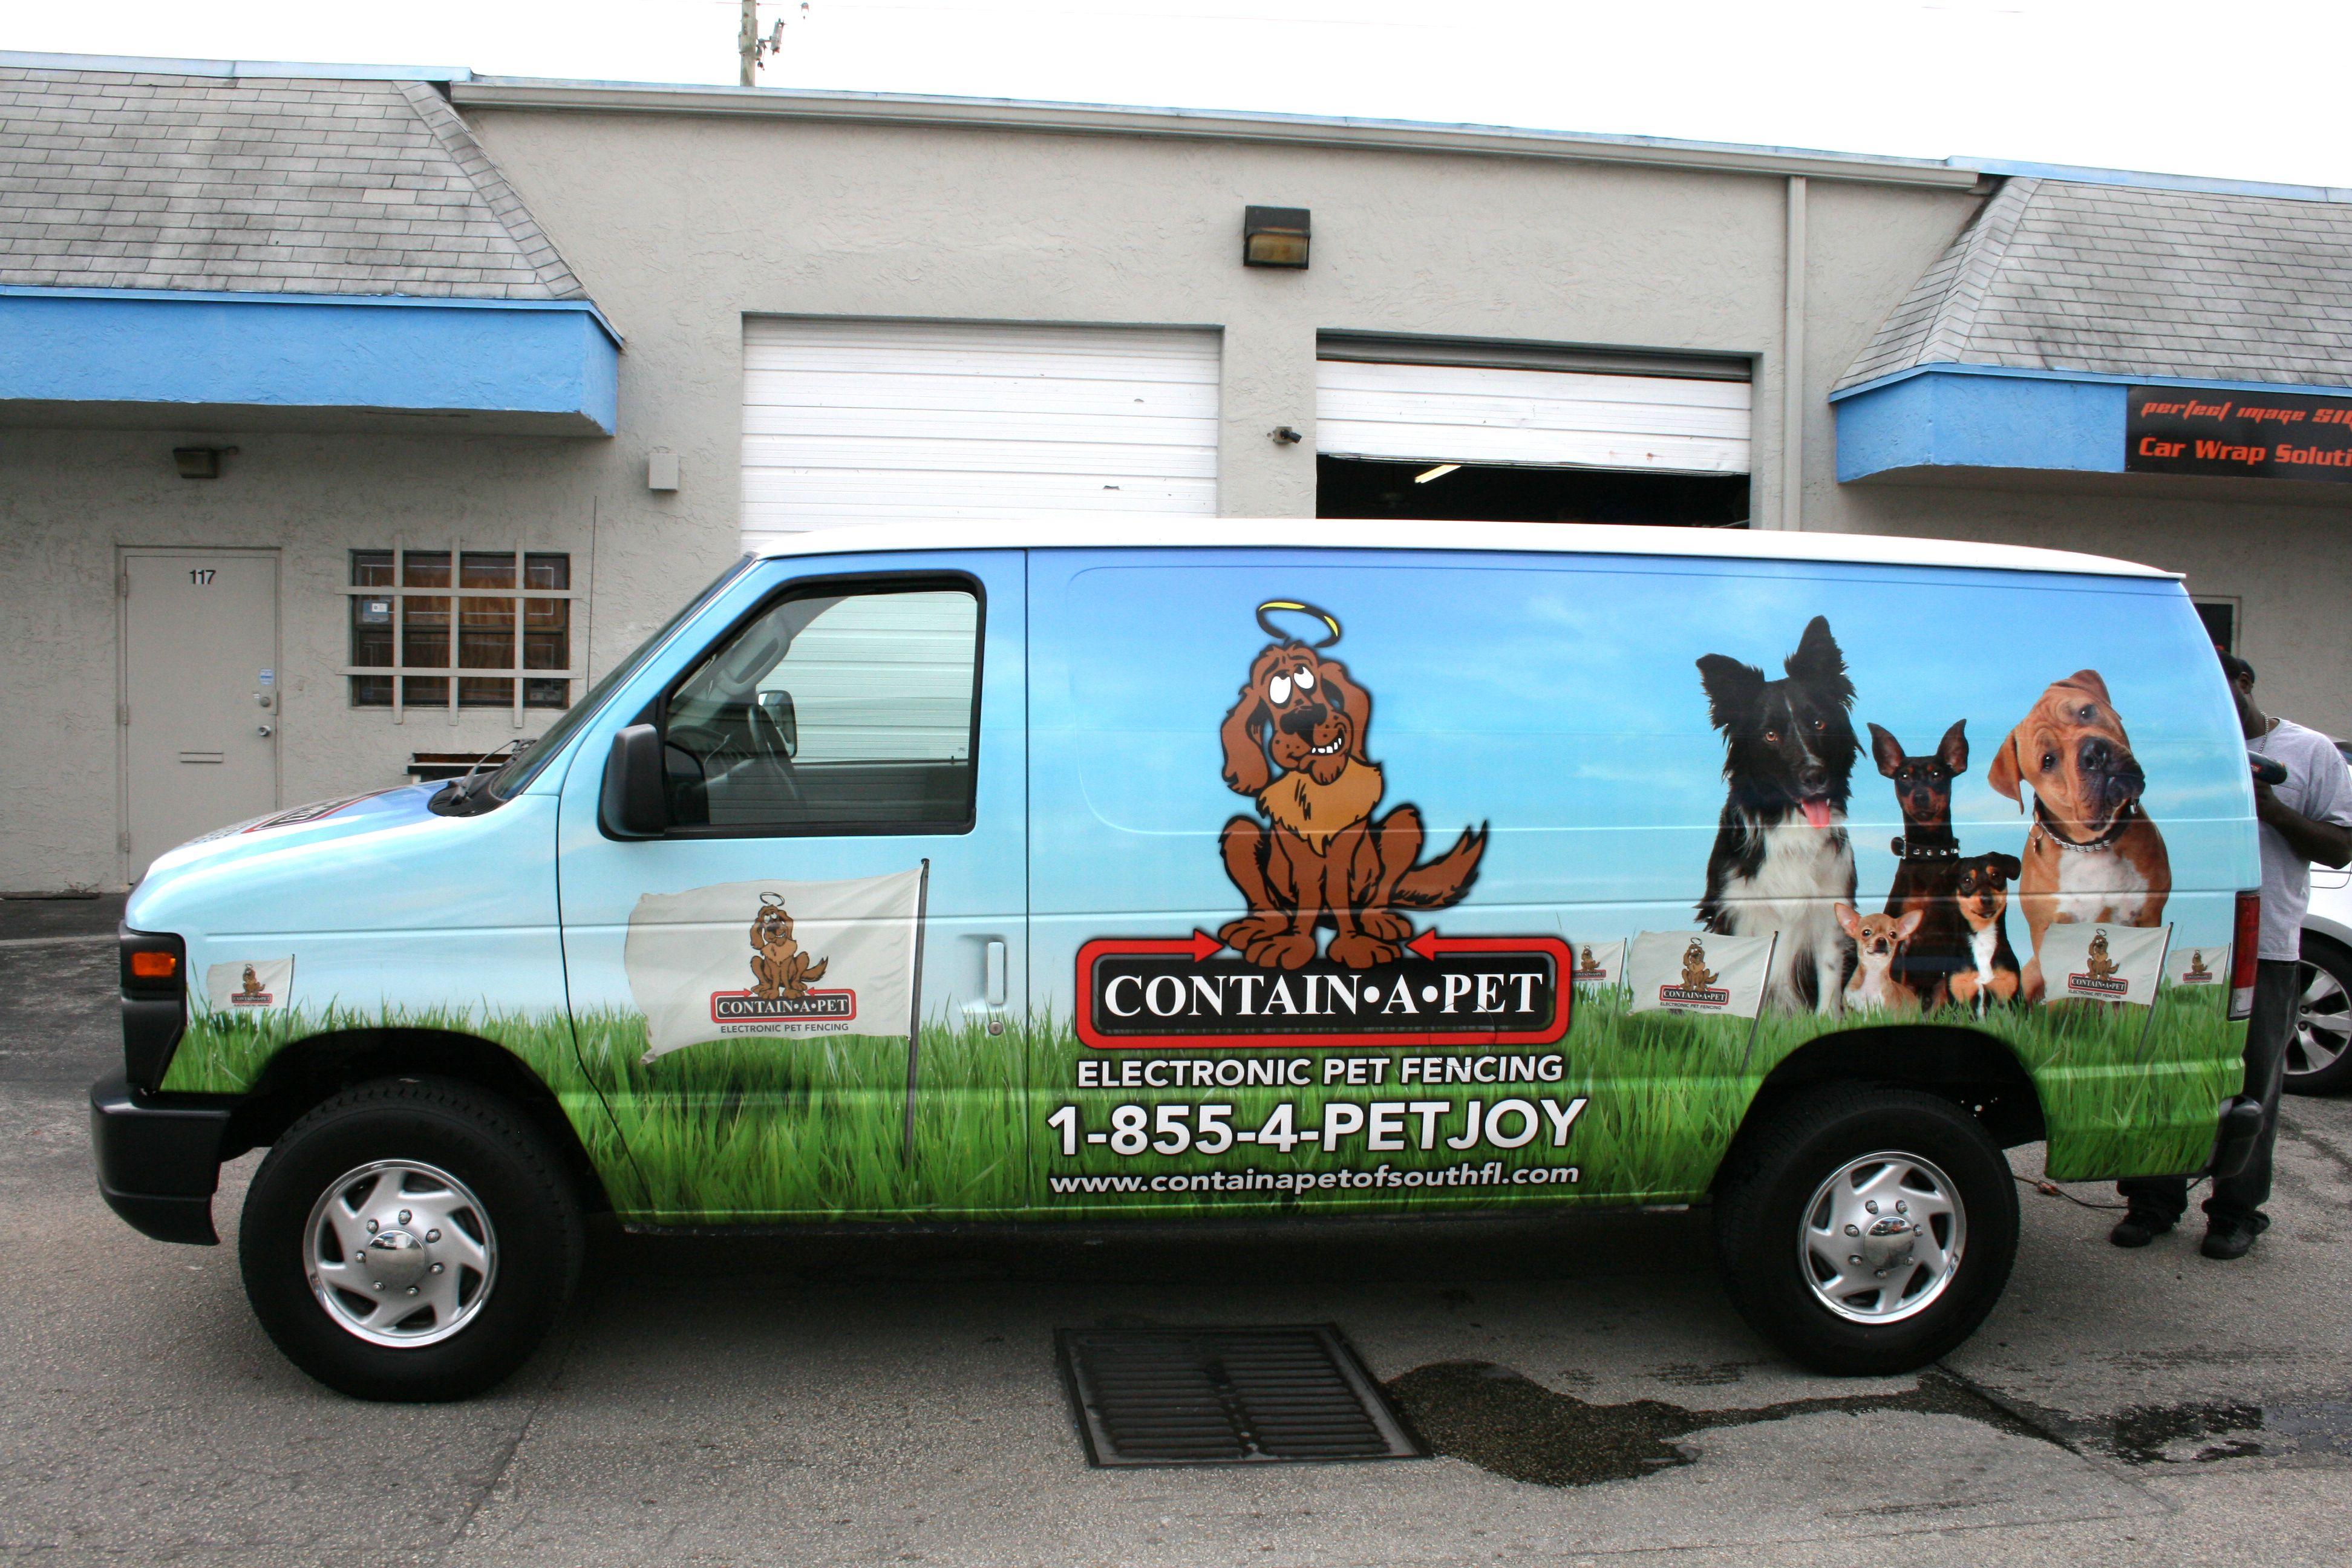 Ford van vinyl vehicle wrap